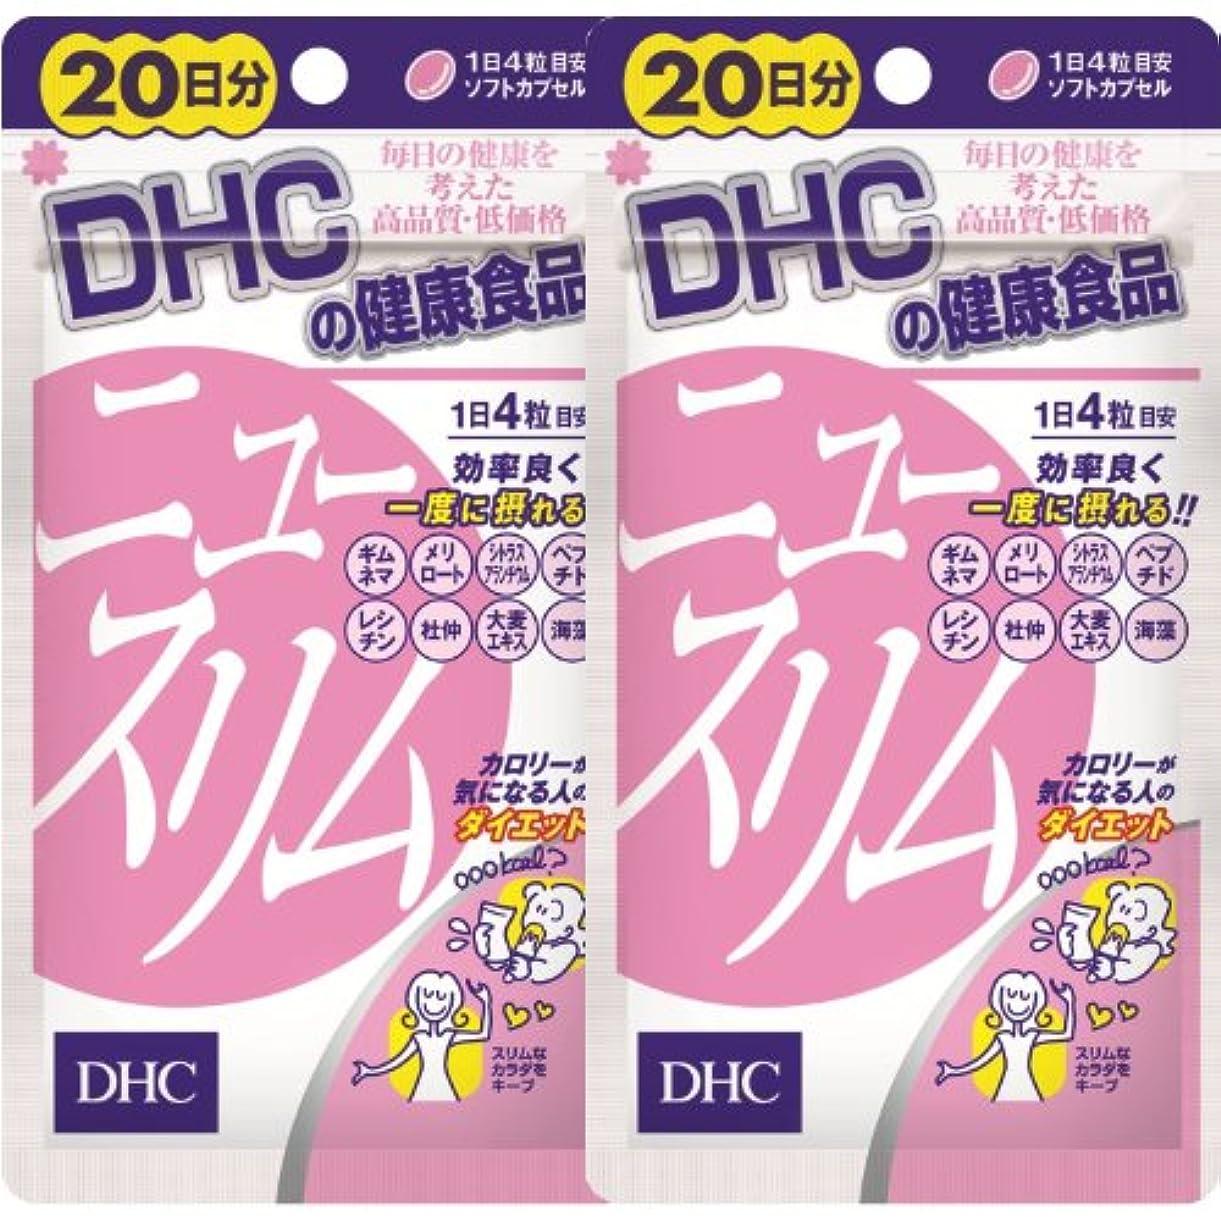 厳漂流時々DHCニュースリム 20日分(新) 80粒【2個セット】